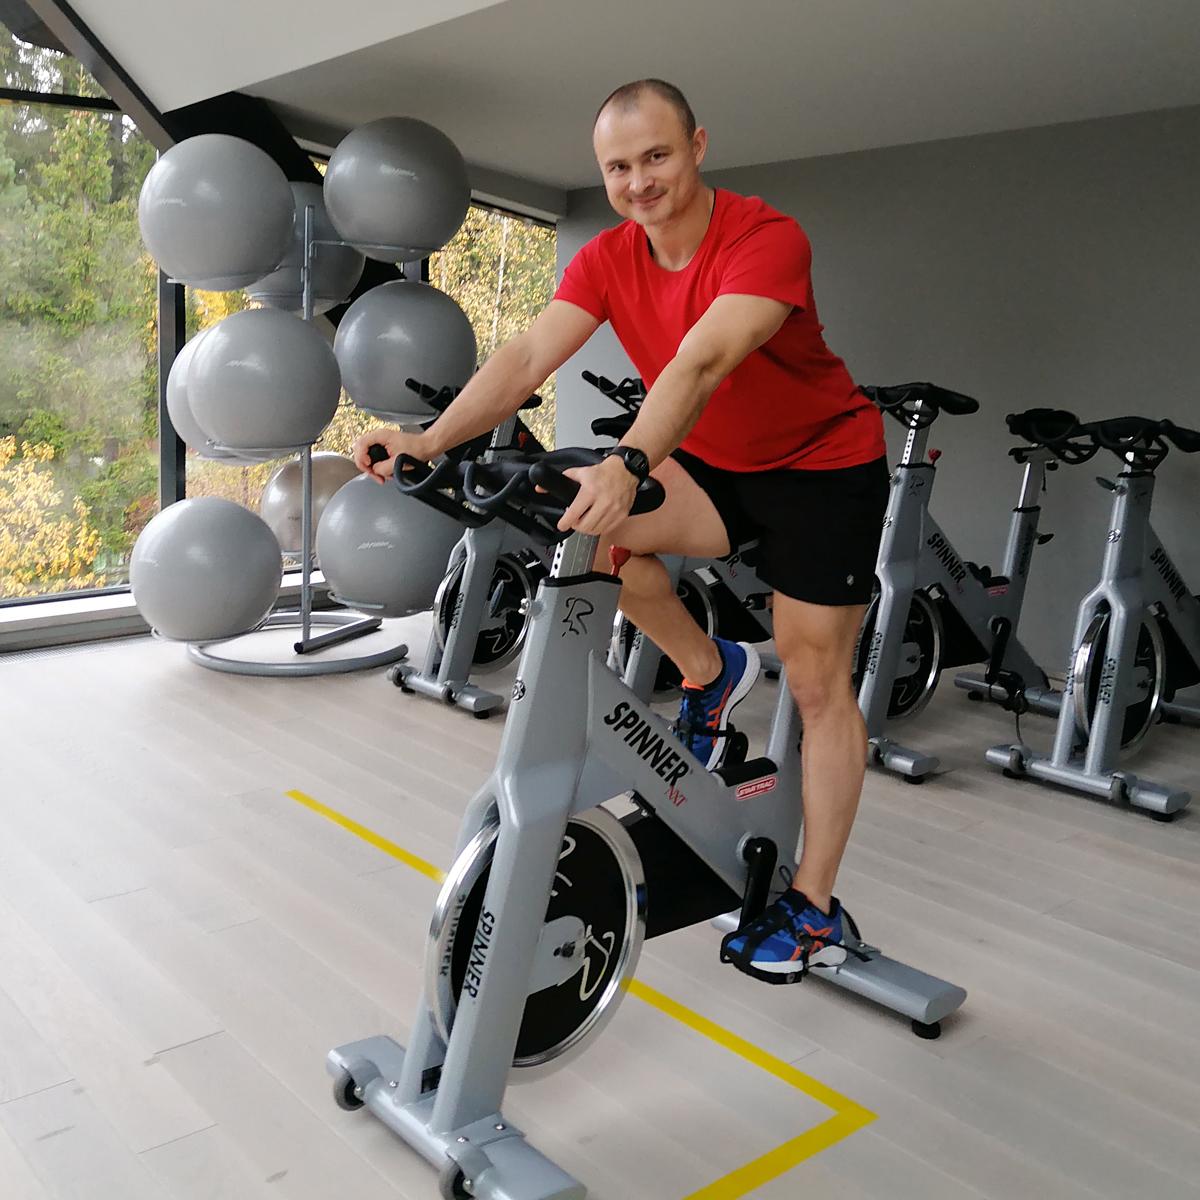 Евгений Гурьев на велотренажере